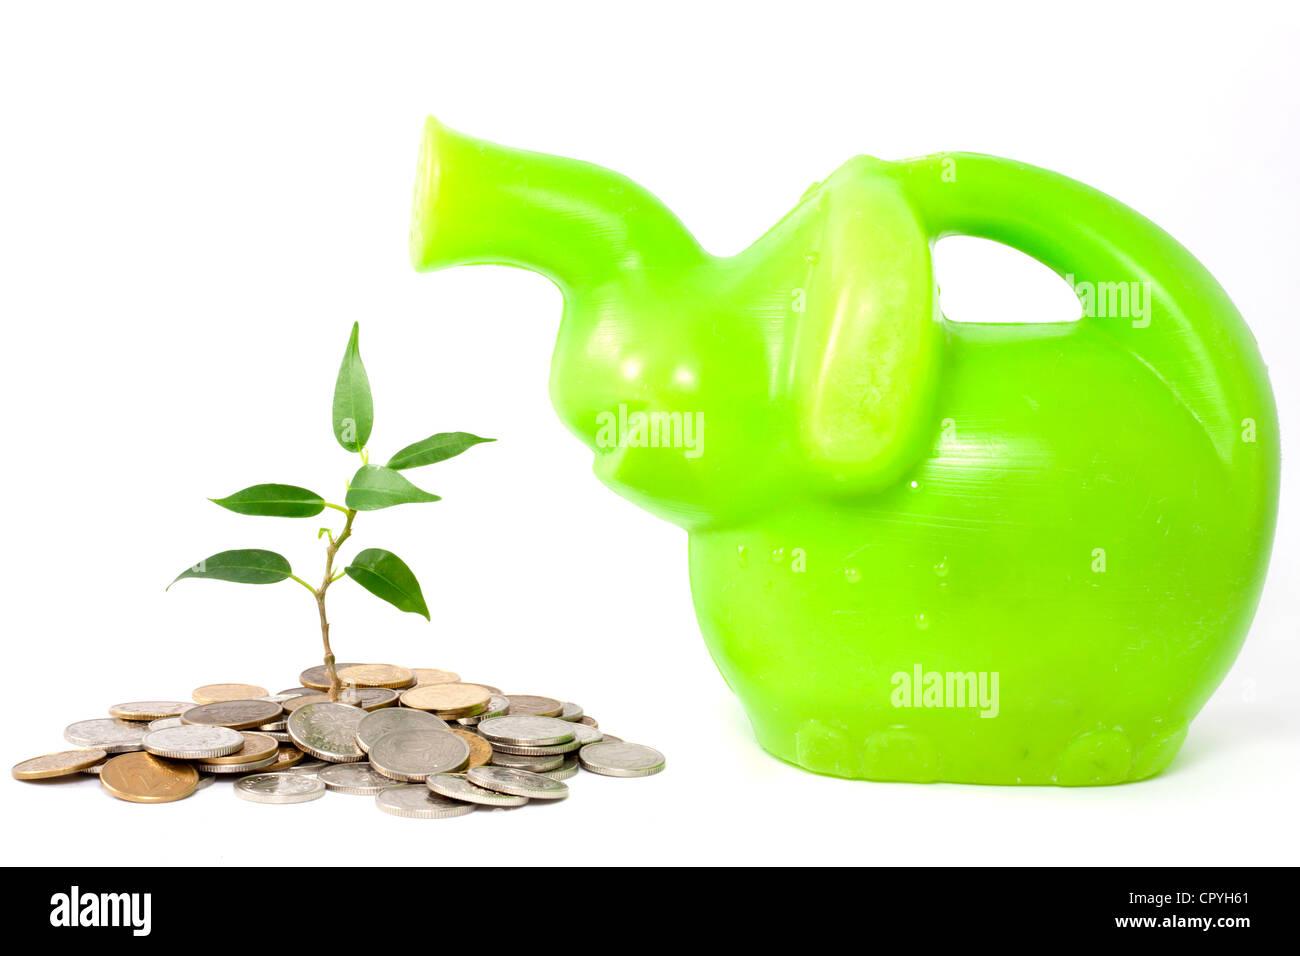 Grüne Pflanze auf weißem Hintergrund Geschäft Metapher des Sparens des Geldes in der Bank und schützen Stockbild